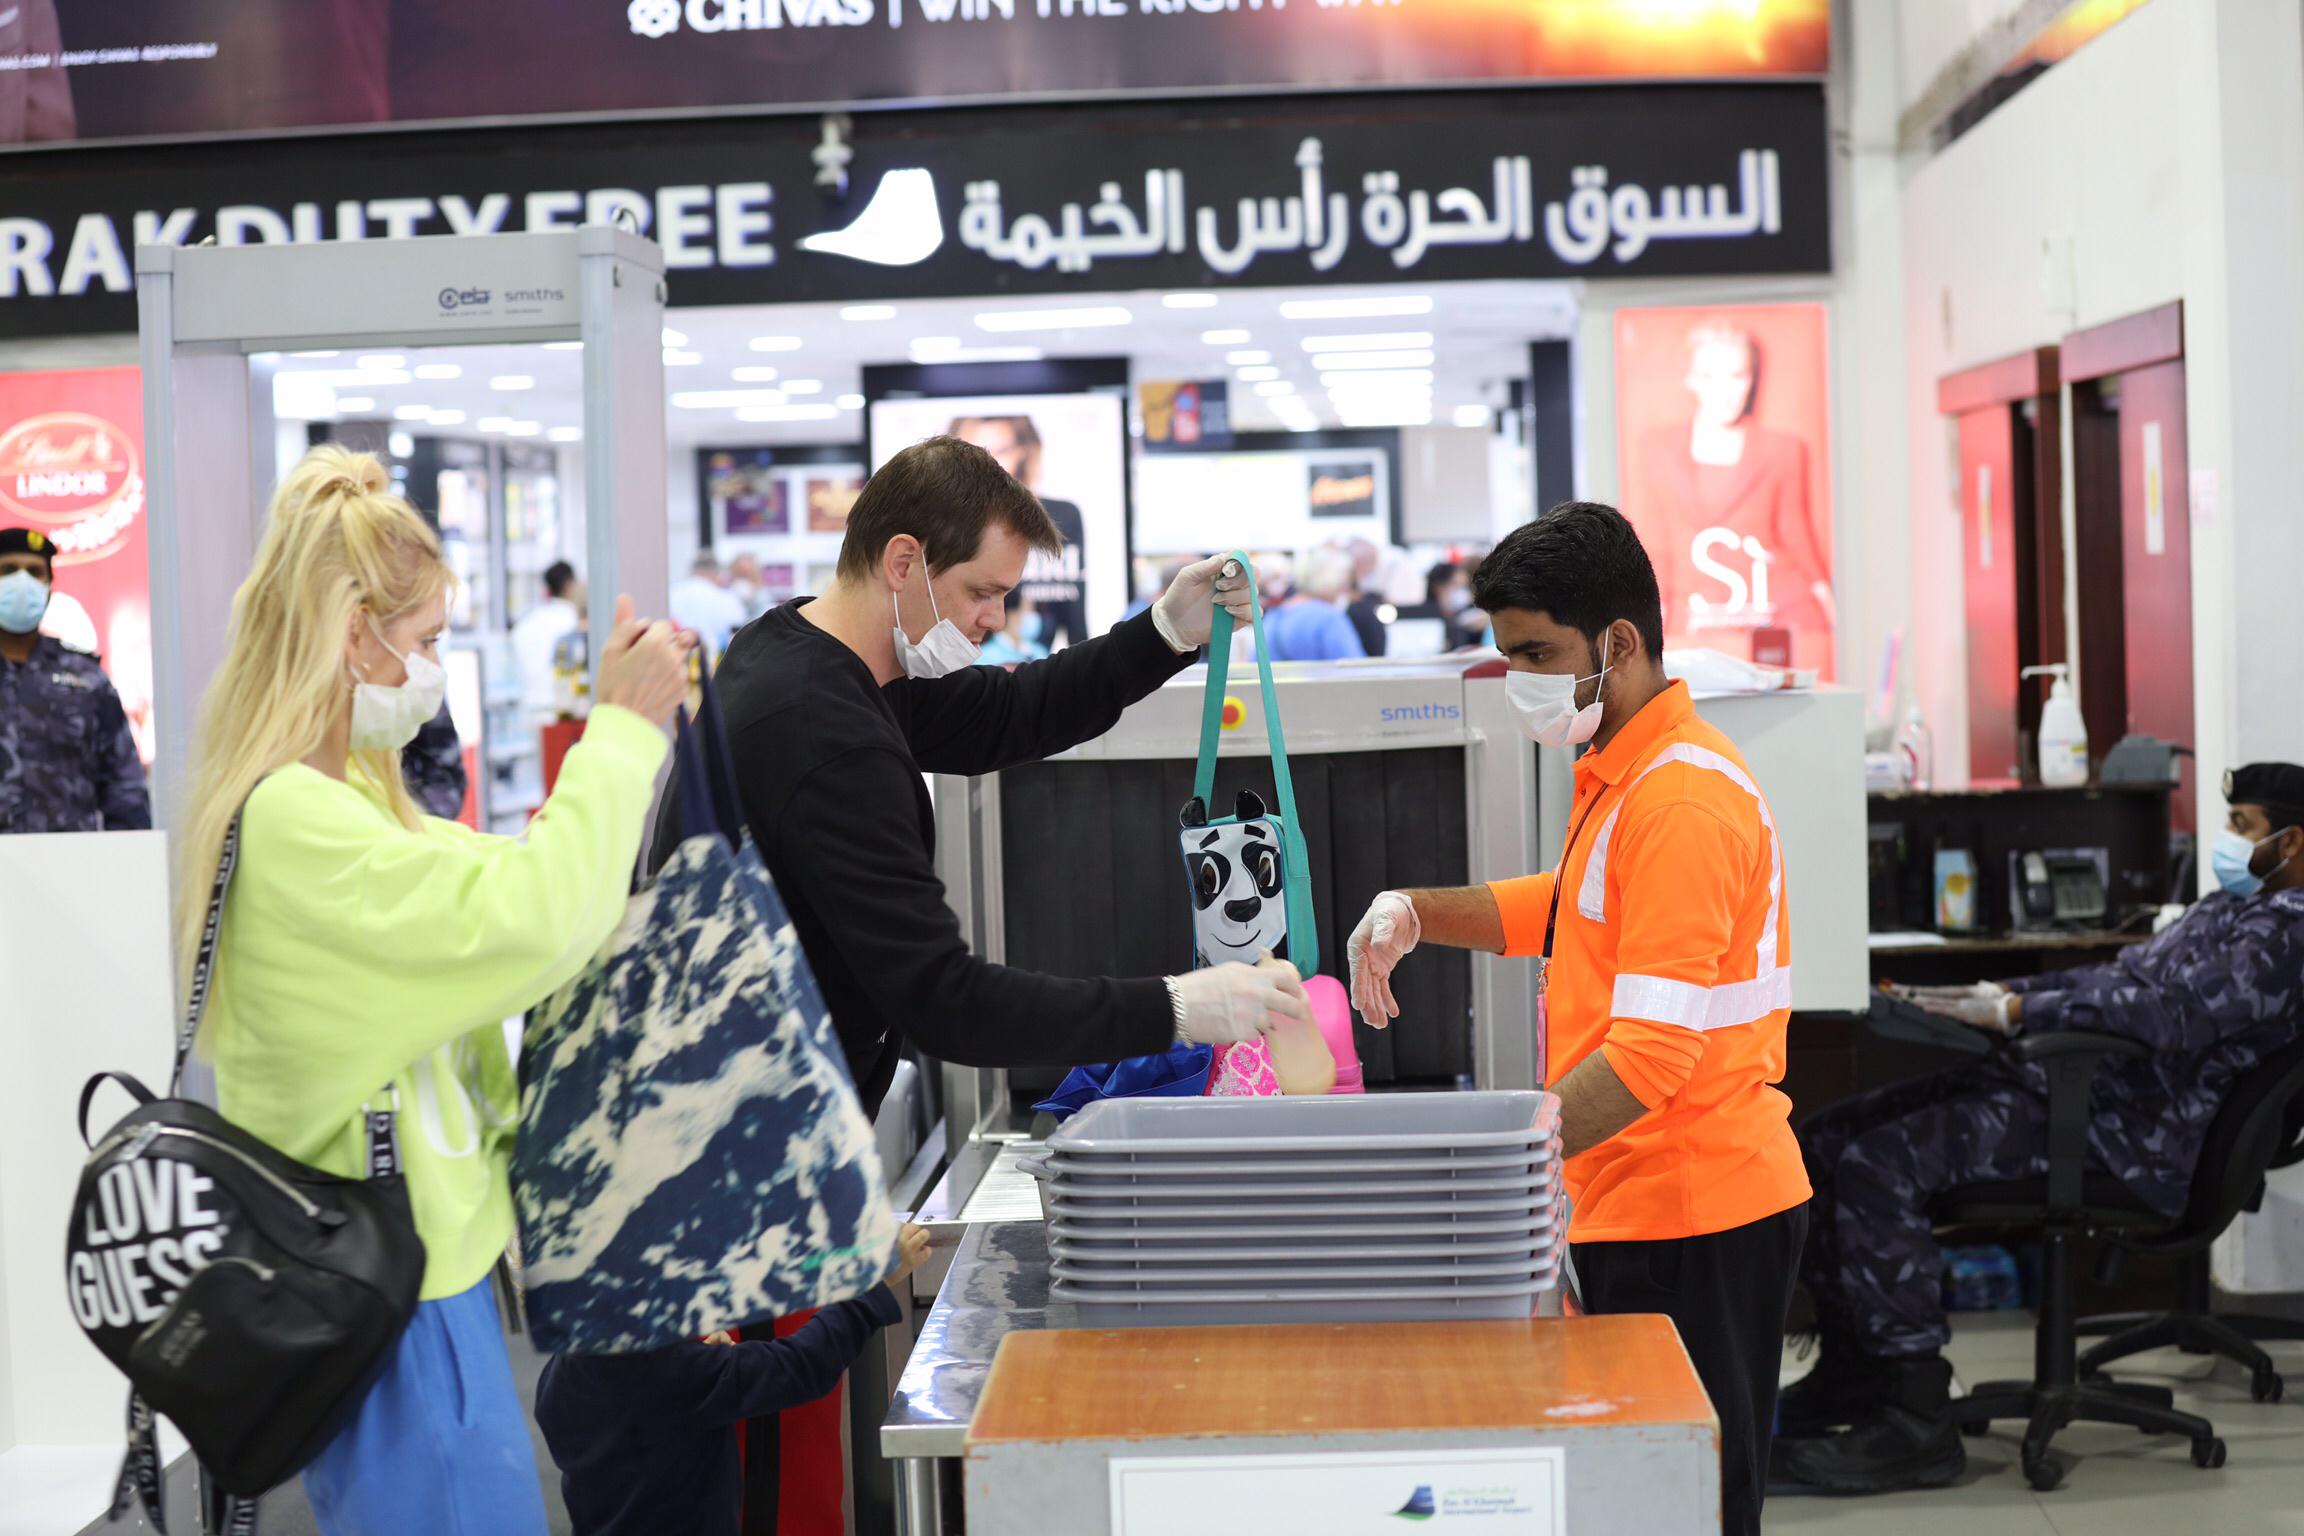 بالتنسيق بين حكومتي الإمارات وألمانيا .. إعادة مئات السياح الألمان لبلادهم عبر مطار رأس الخيمة الدولي